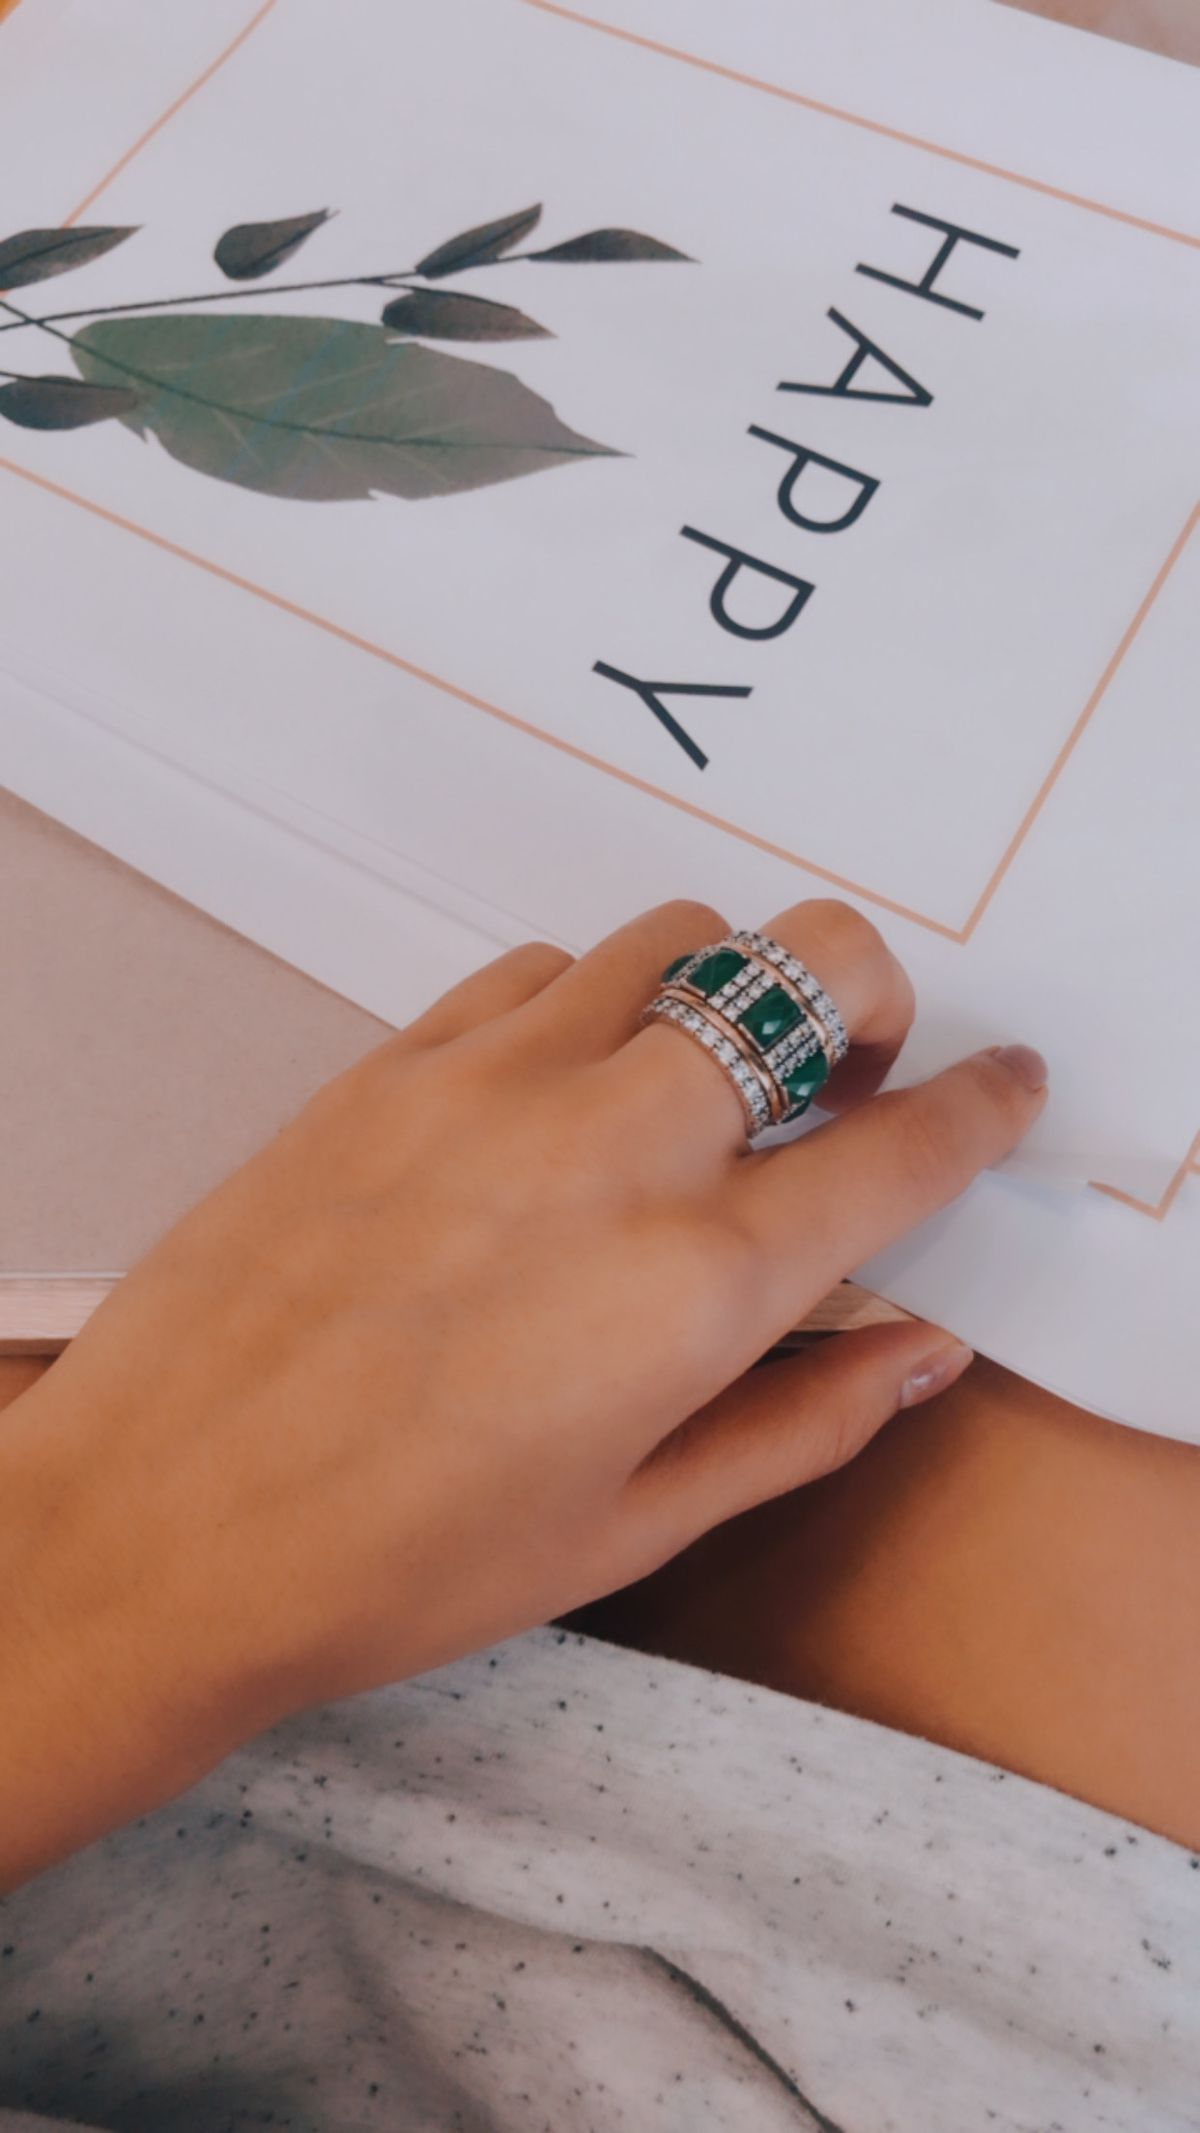 Очень красивое, яркое кольцо! не останетесь не замеченными